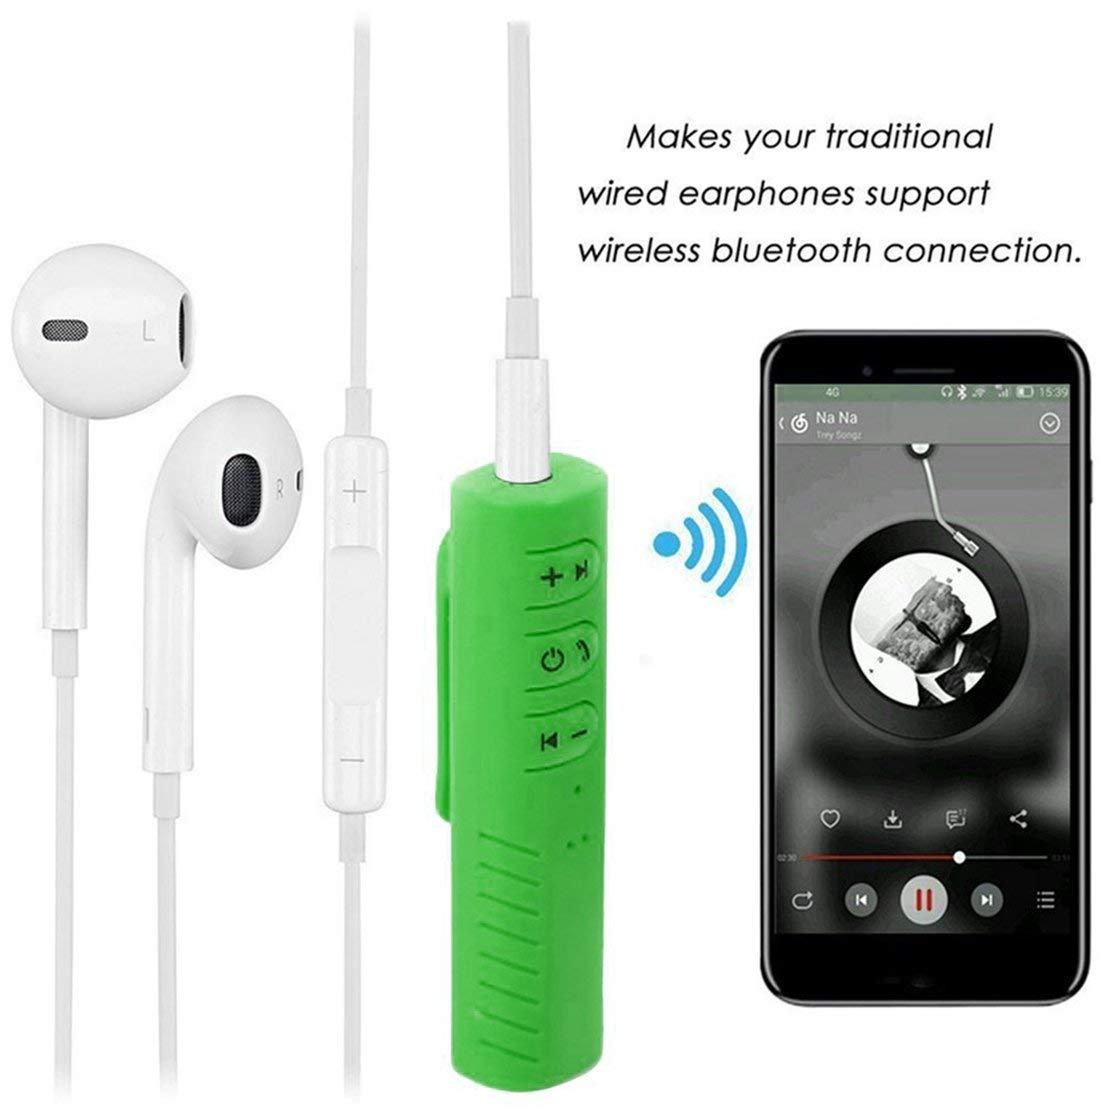 Mini Wireless Bluetooth 4.1 Receptor de Manos Libres 3.5mm Adaptador de Audio autom/ático con micr/ófono para Coche est/éreo tel/éfono MP3